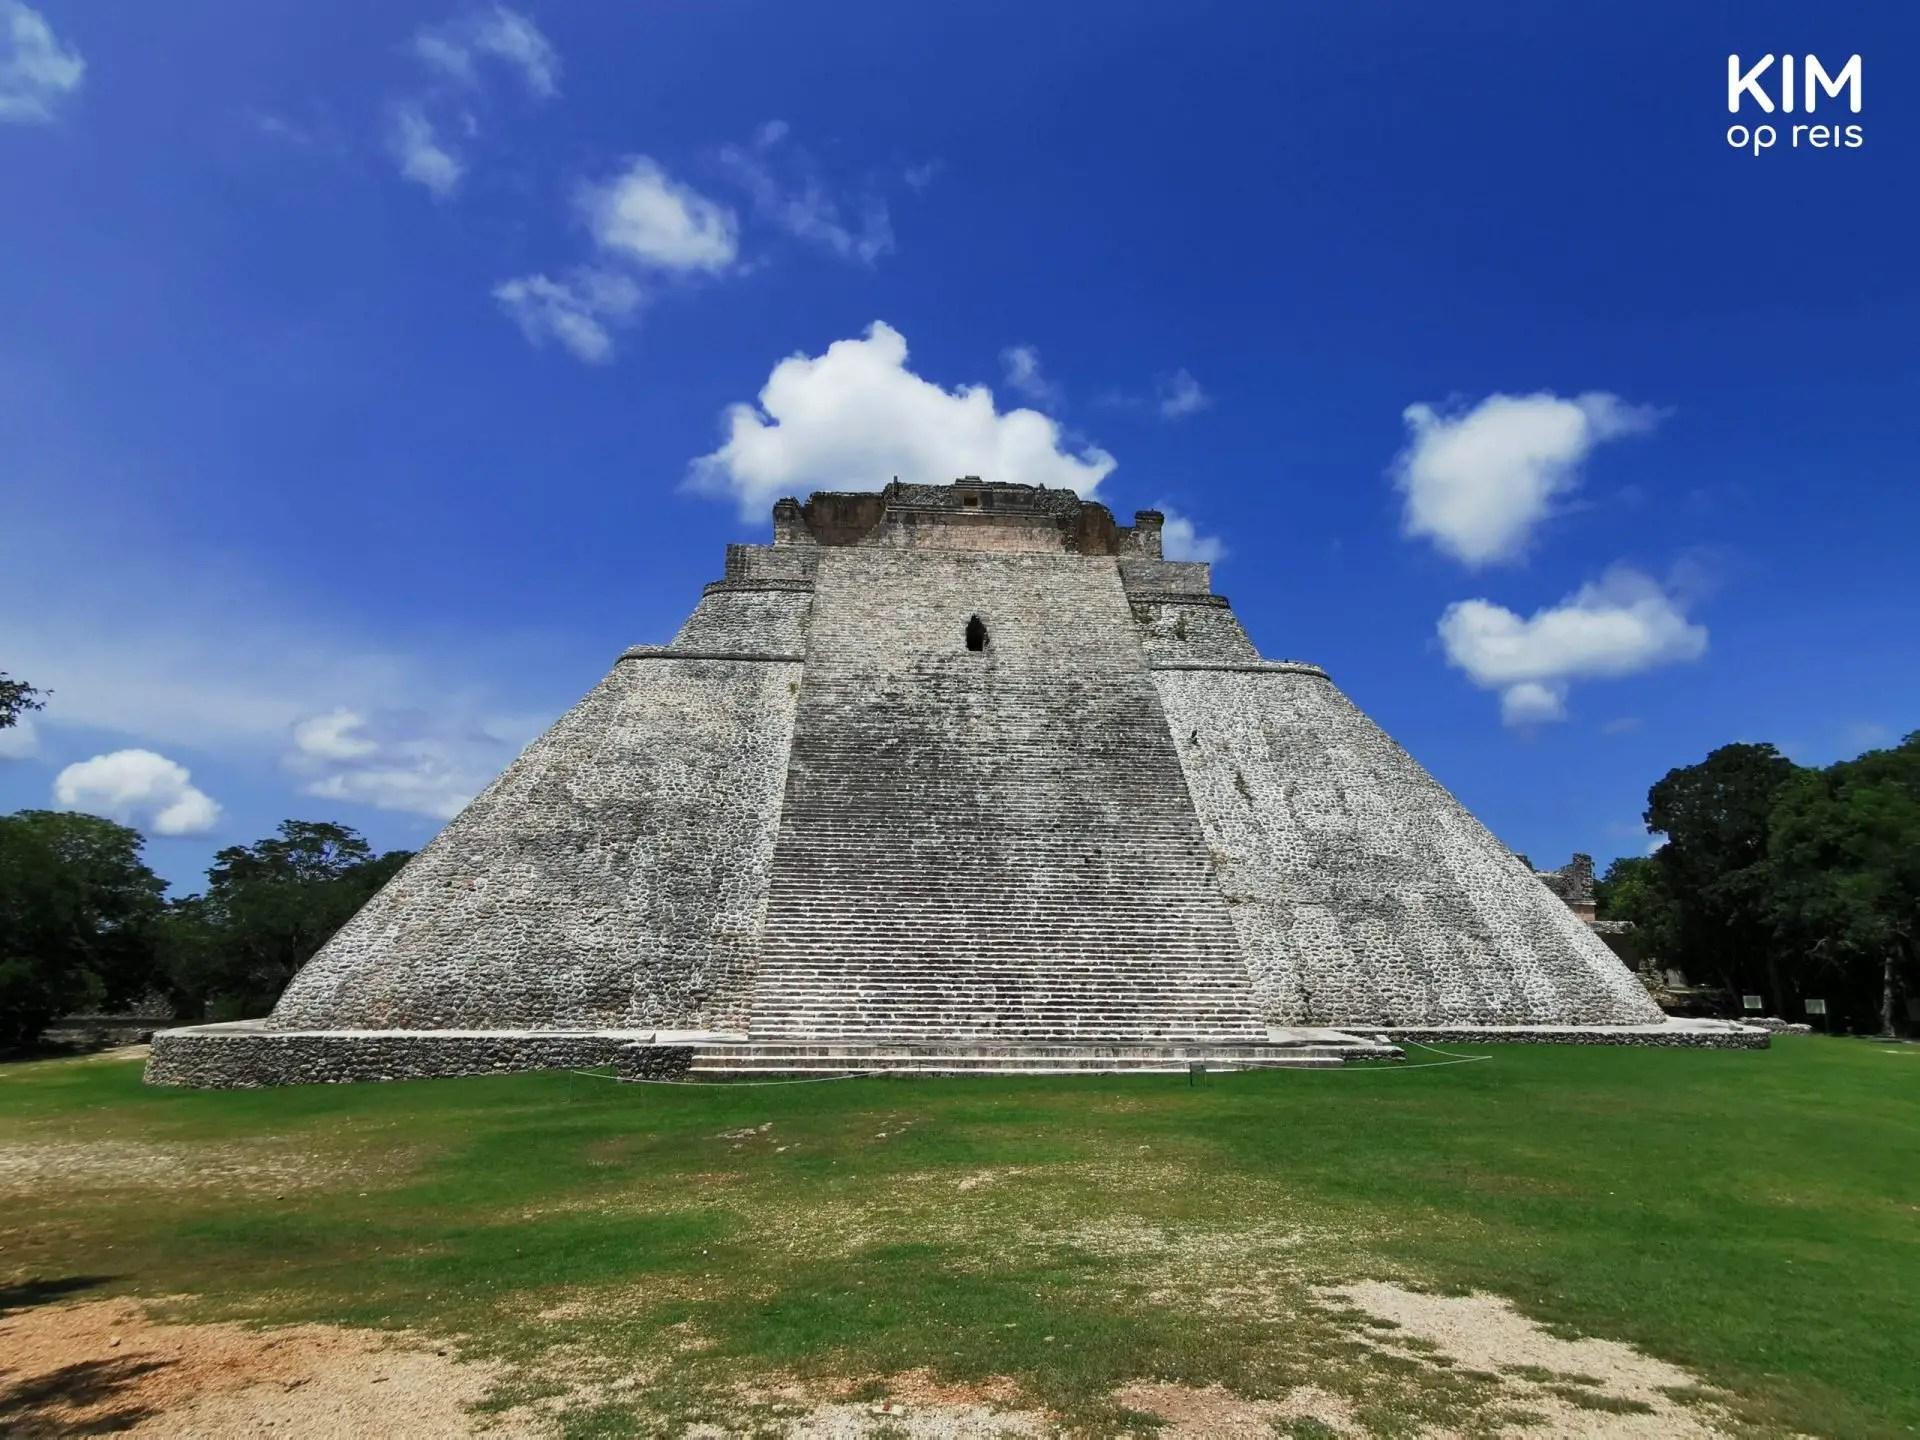 Uxmal piramide: grote Maya piramide tegen een helderblauwe lucht